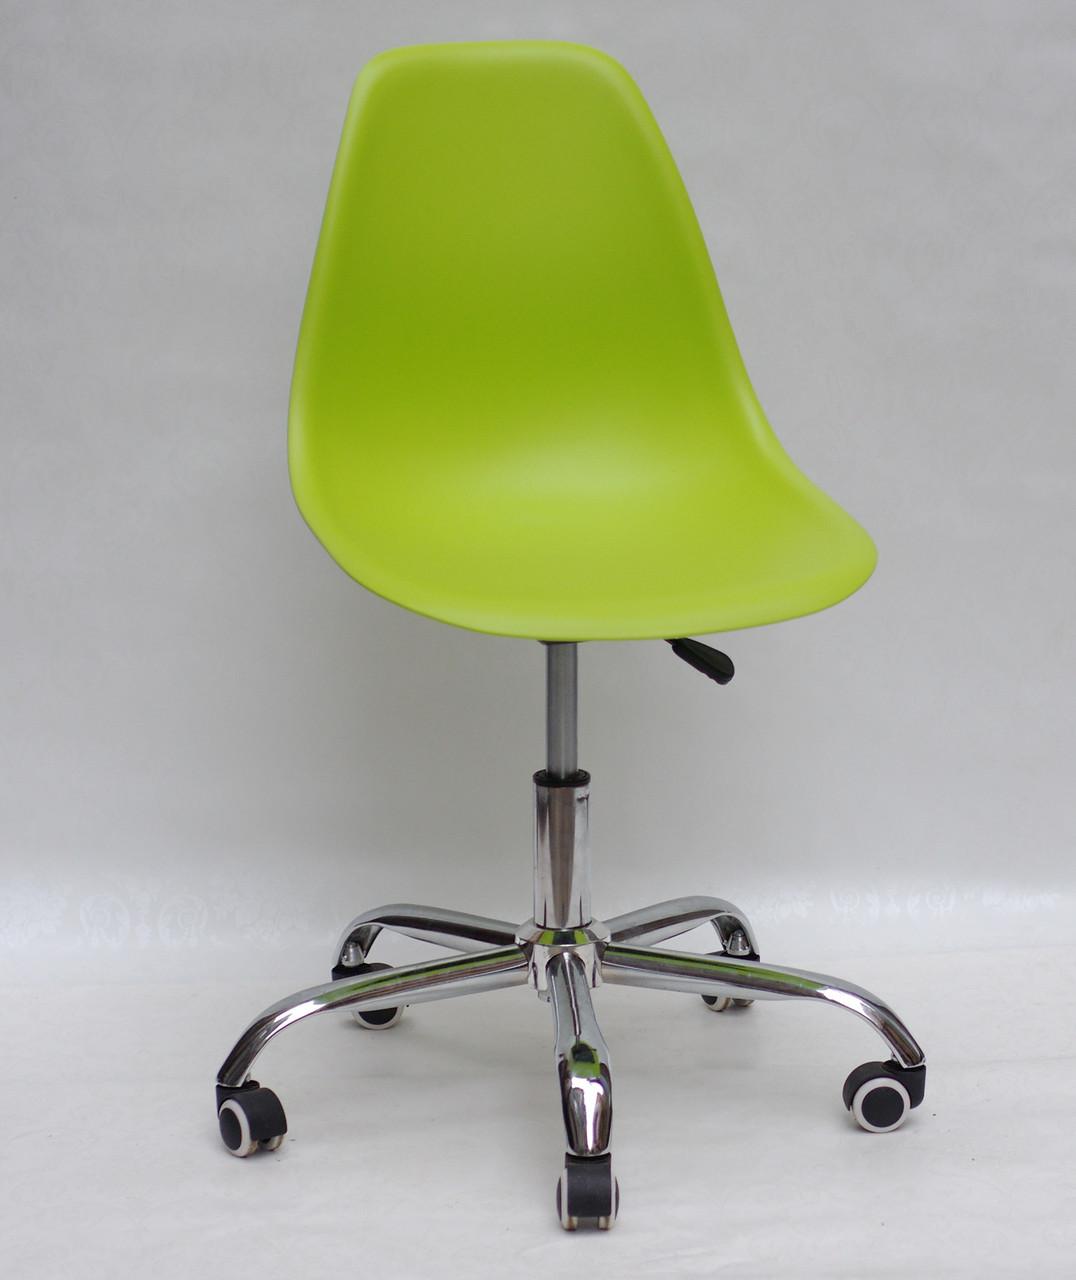 Офисный пластиковый стул на колесиках регулируемый  Nik Office, зеленый 48